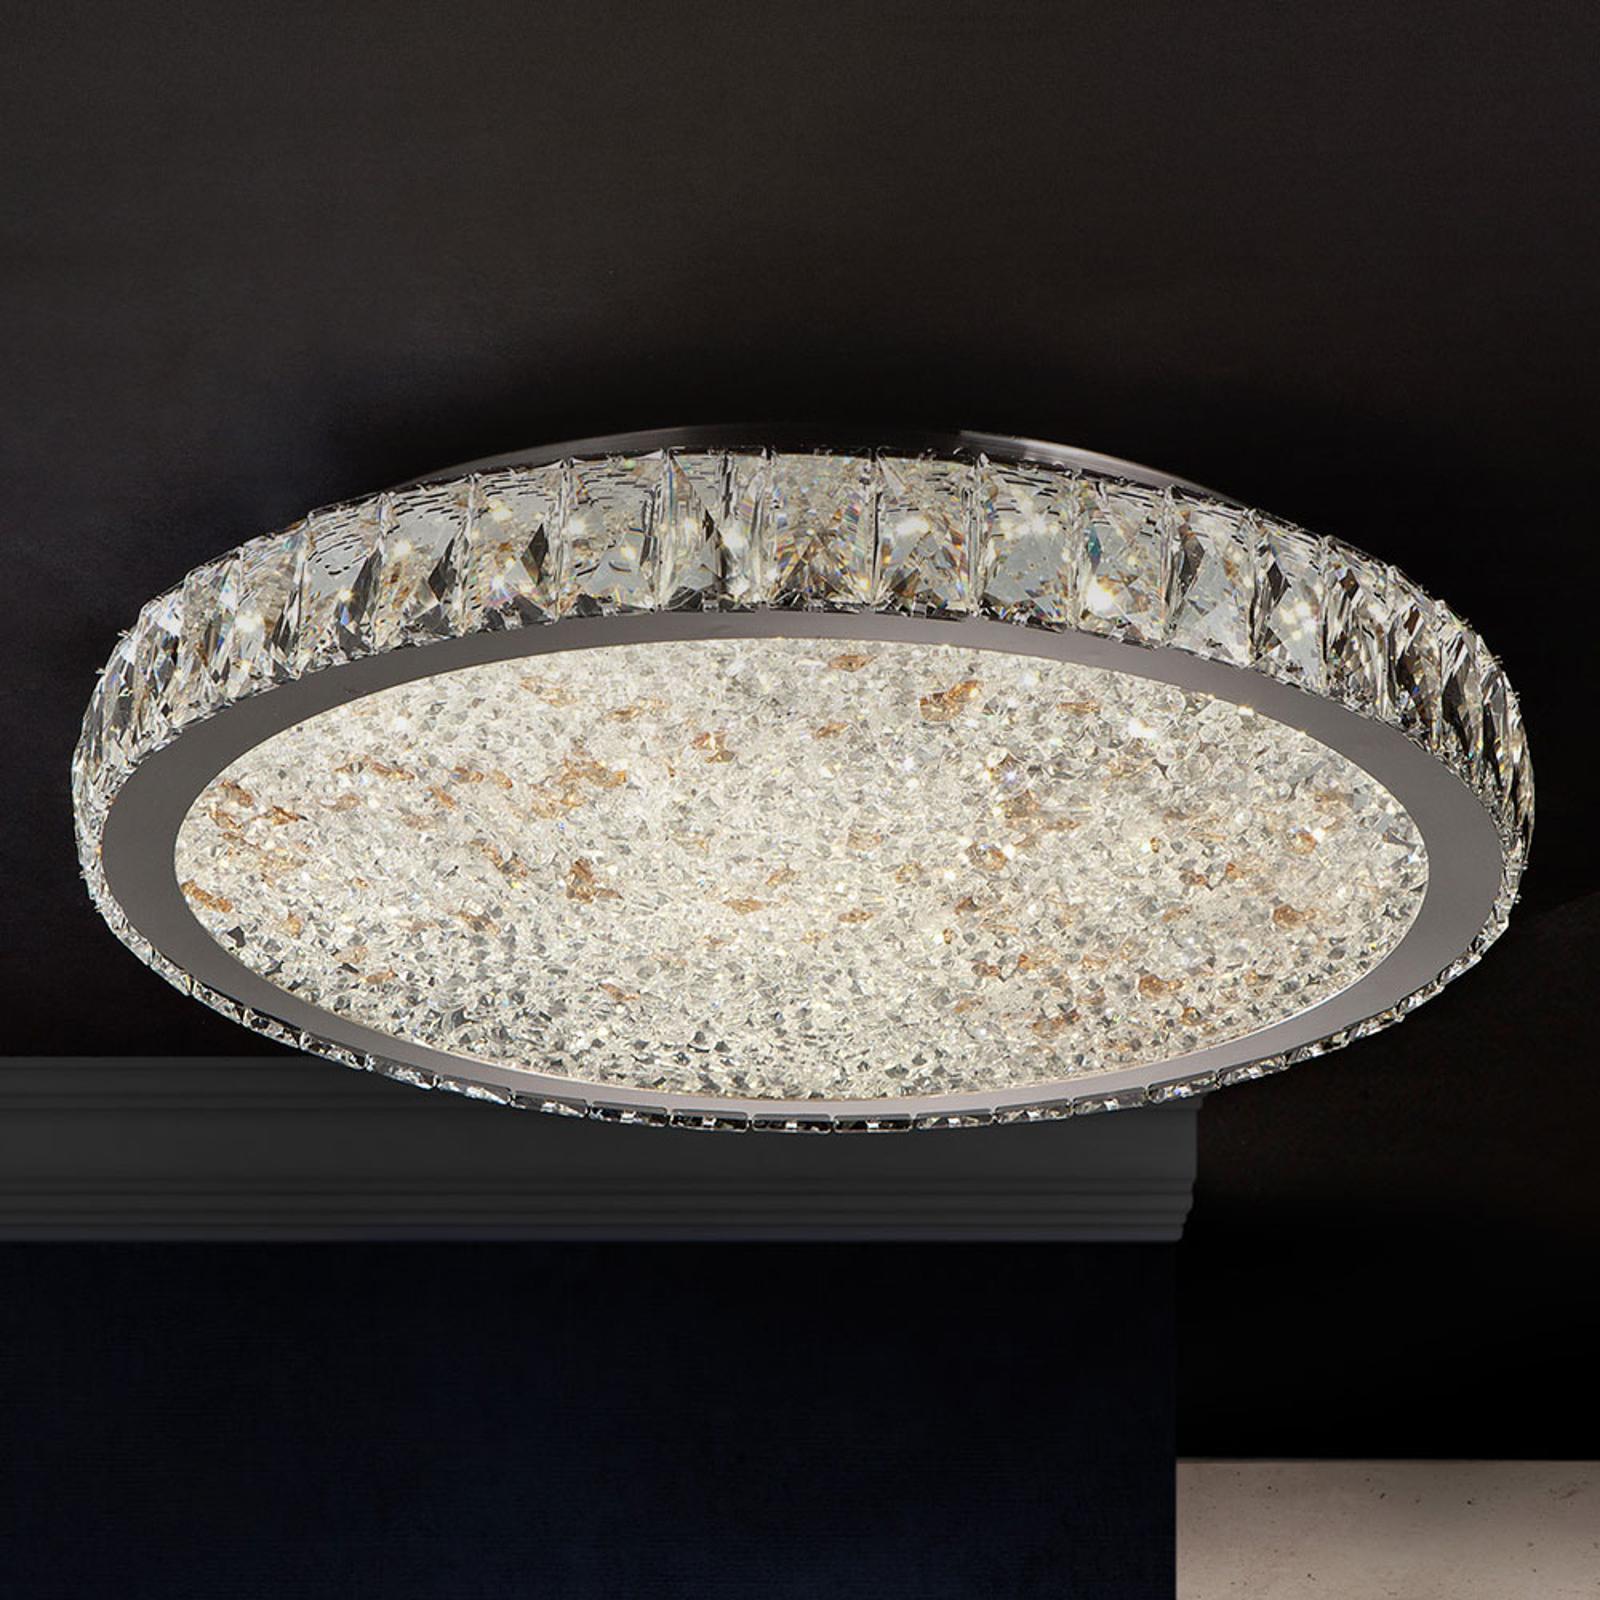 Plafonnier LED Dana avec cristaux Ø 49cm